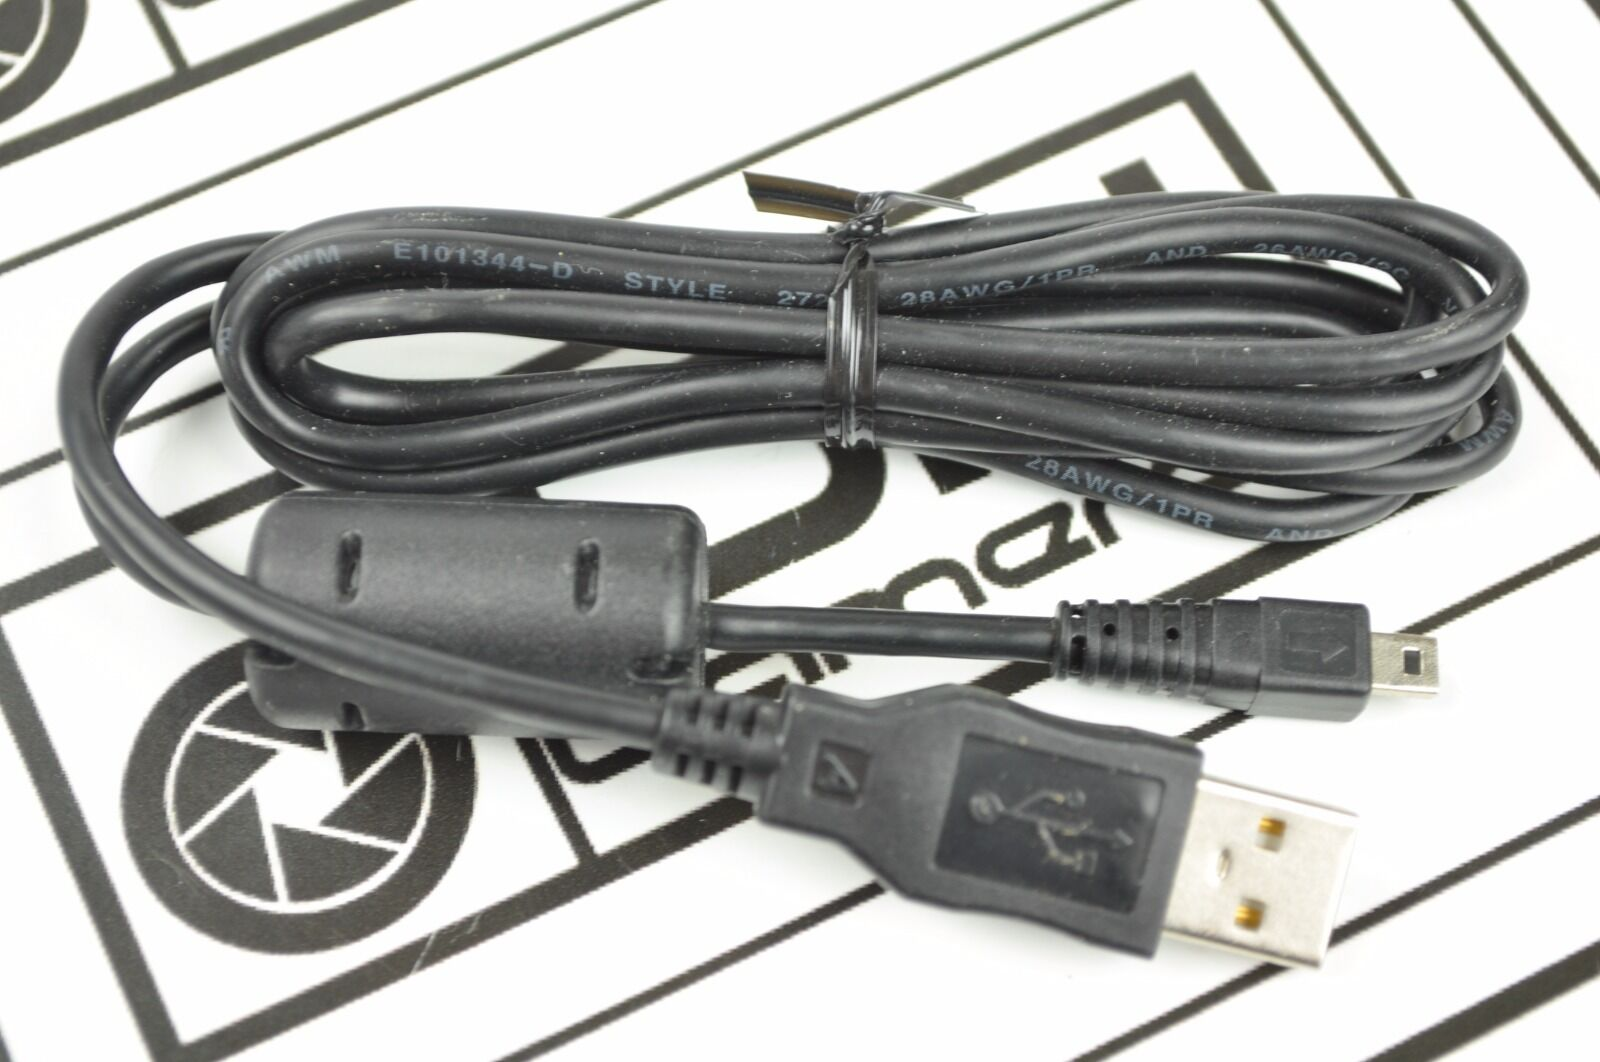 Usb Cable For Nikon Coolpix P330 P310 P300 P100 L830 L820...